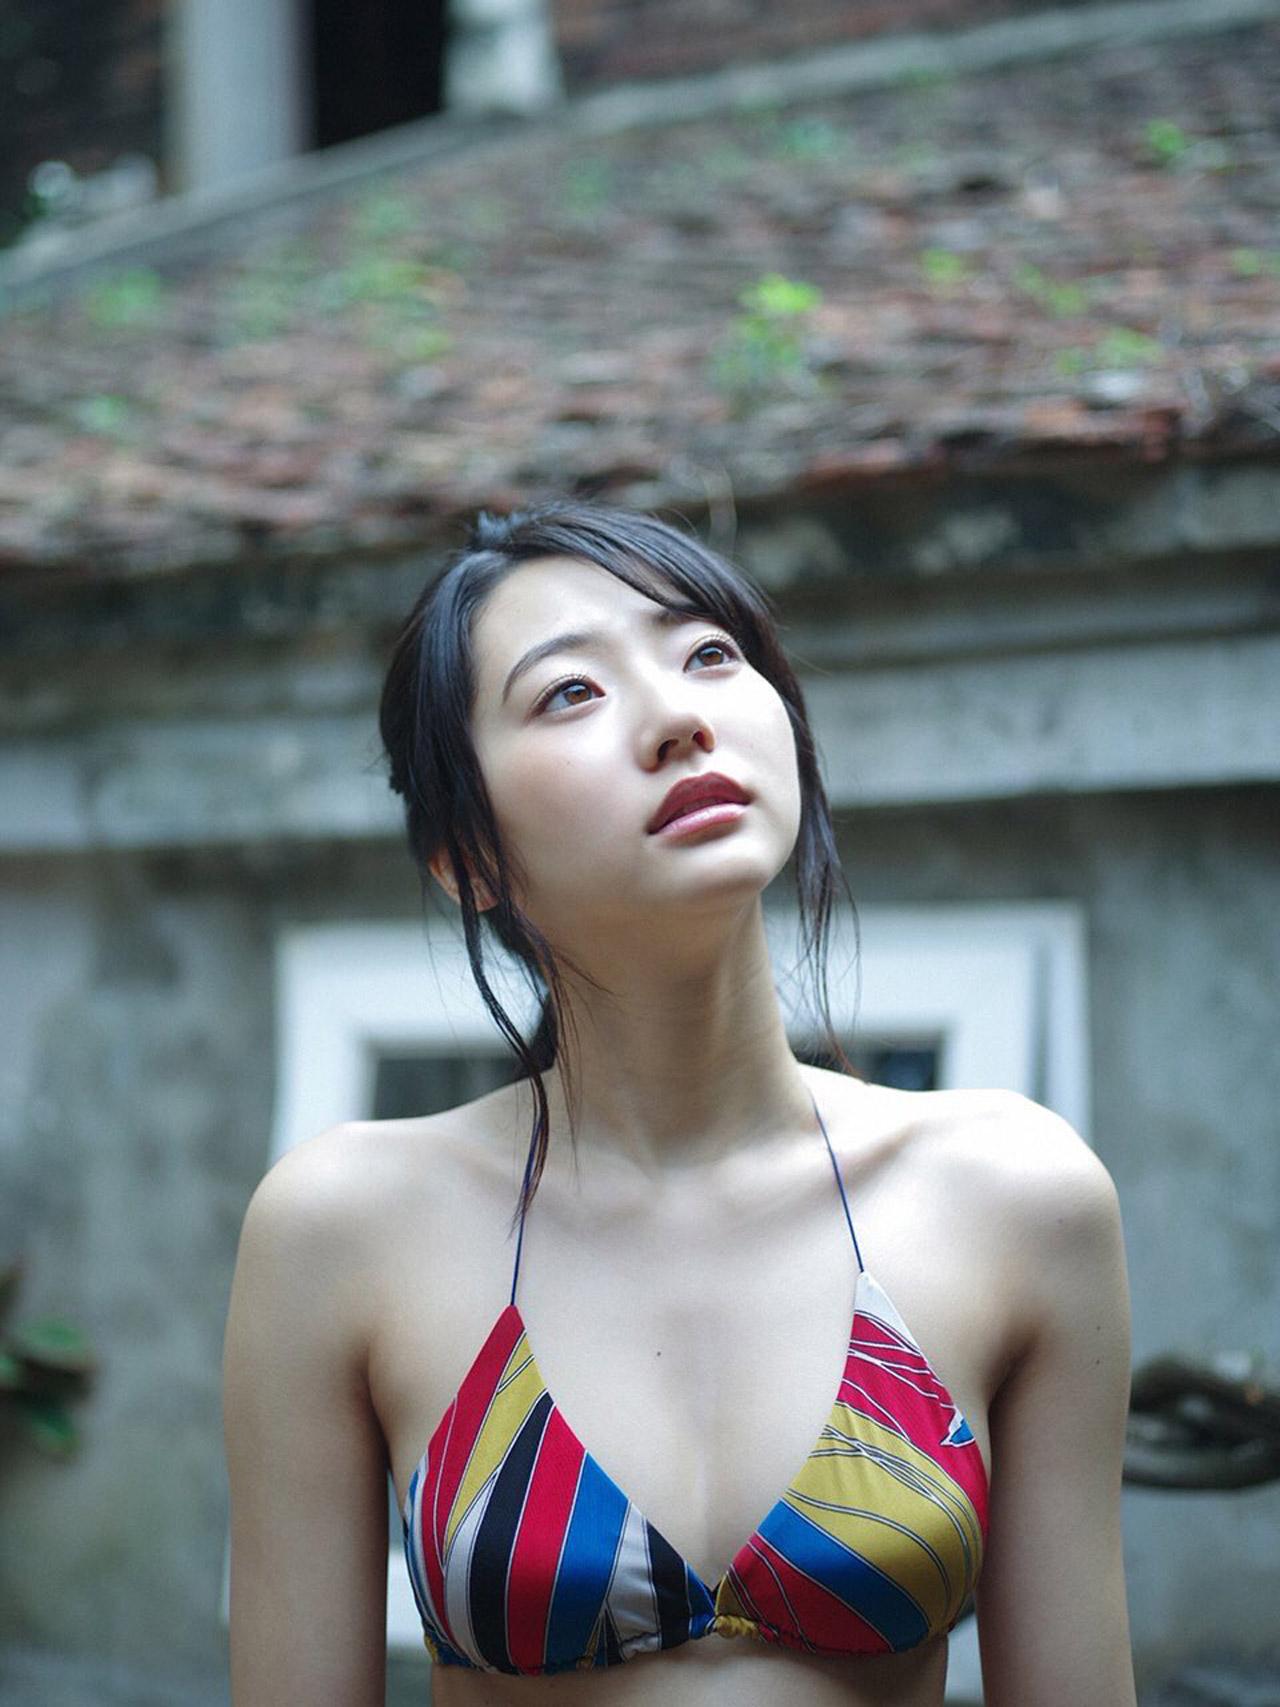 武田玲奈(20)の最新イメージDVD&グラビアエロ画像141枚・80枚目の画像